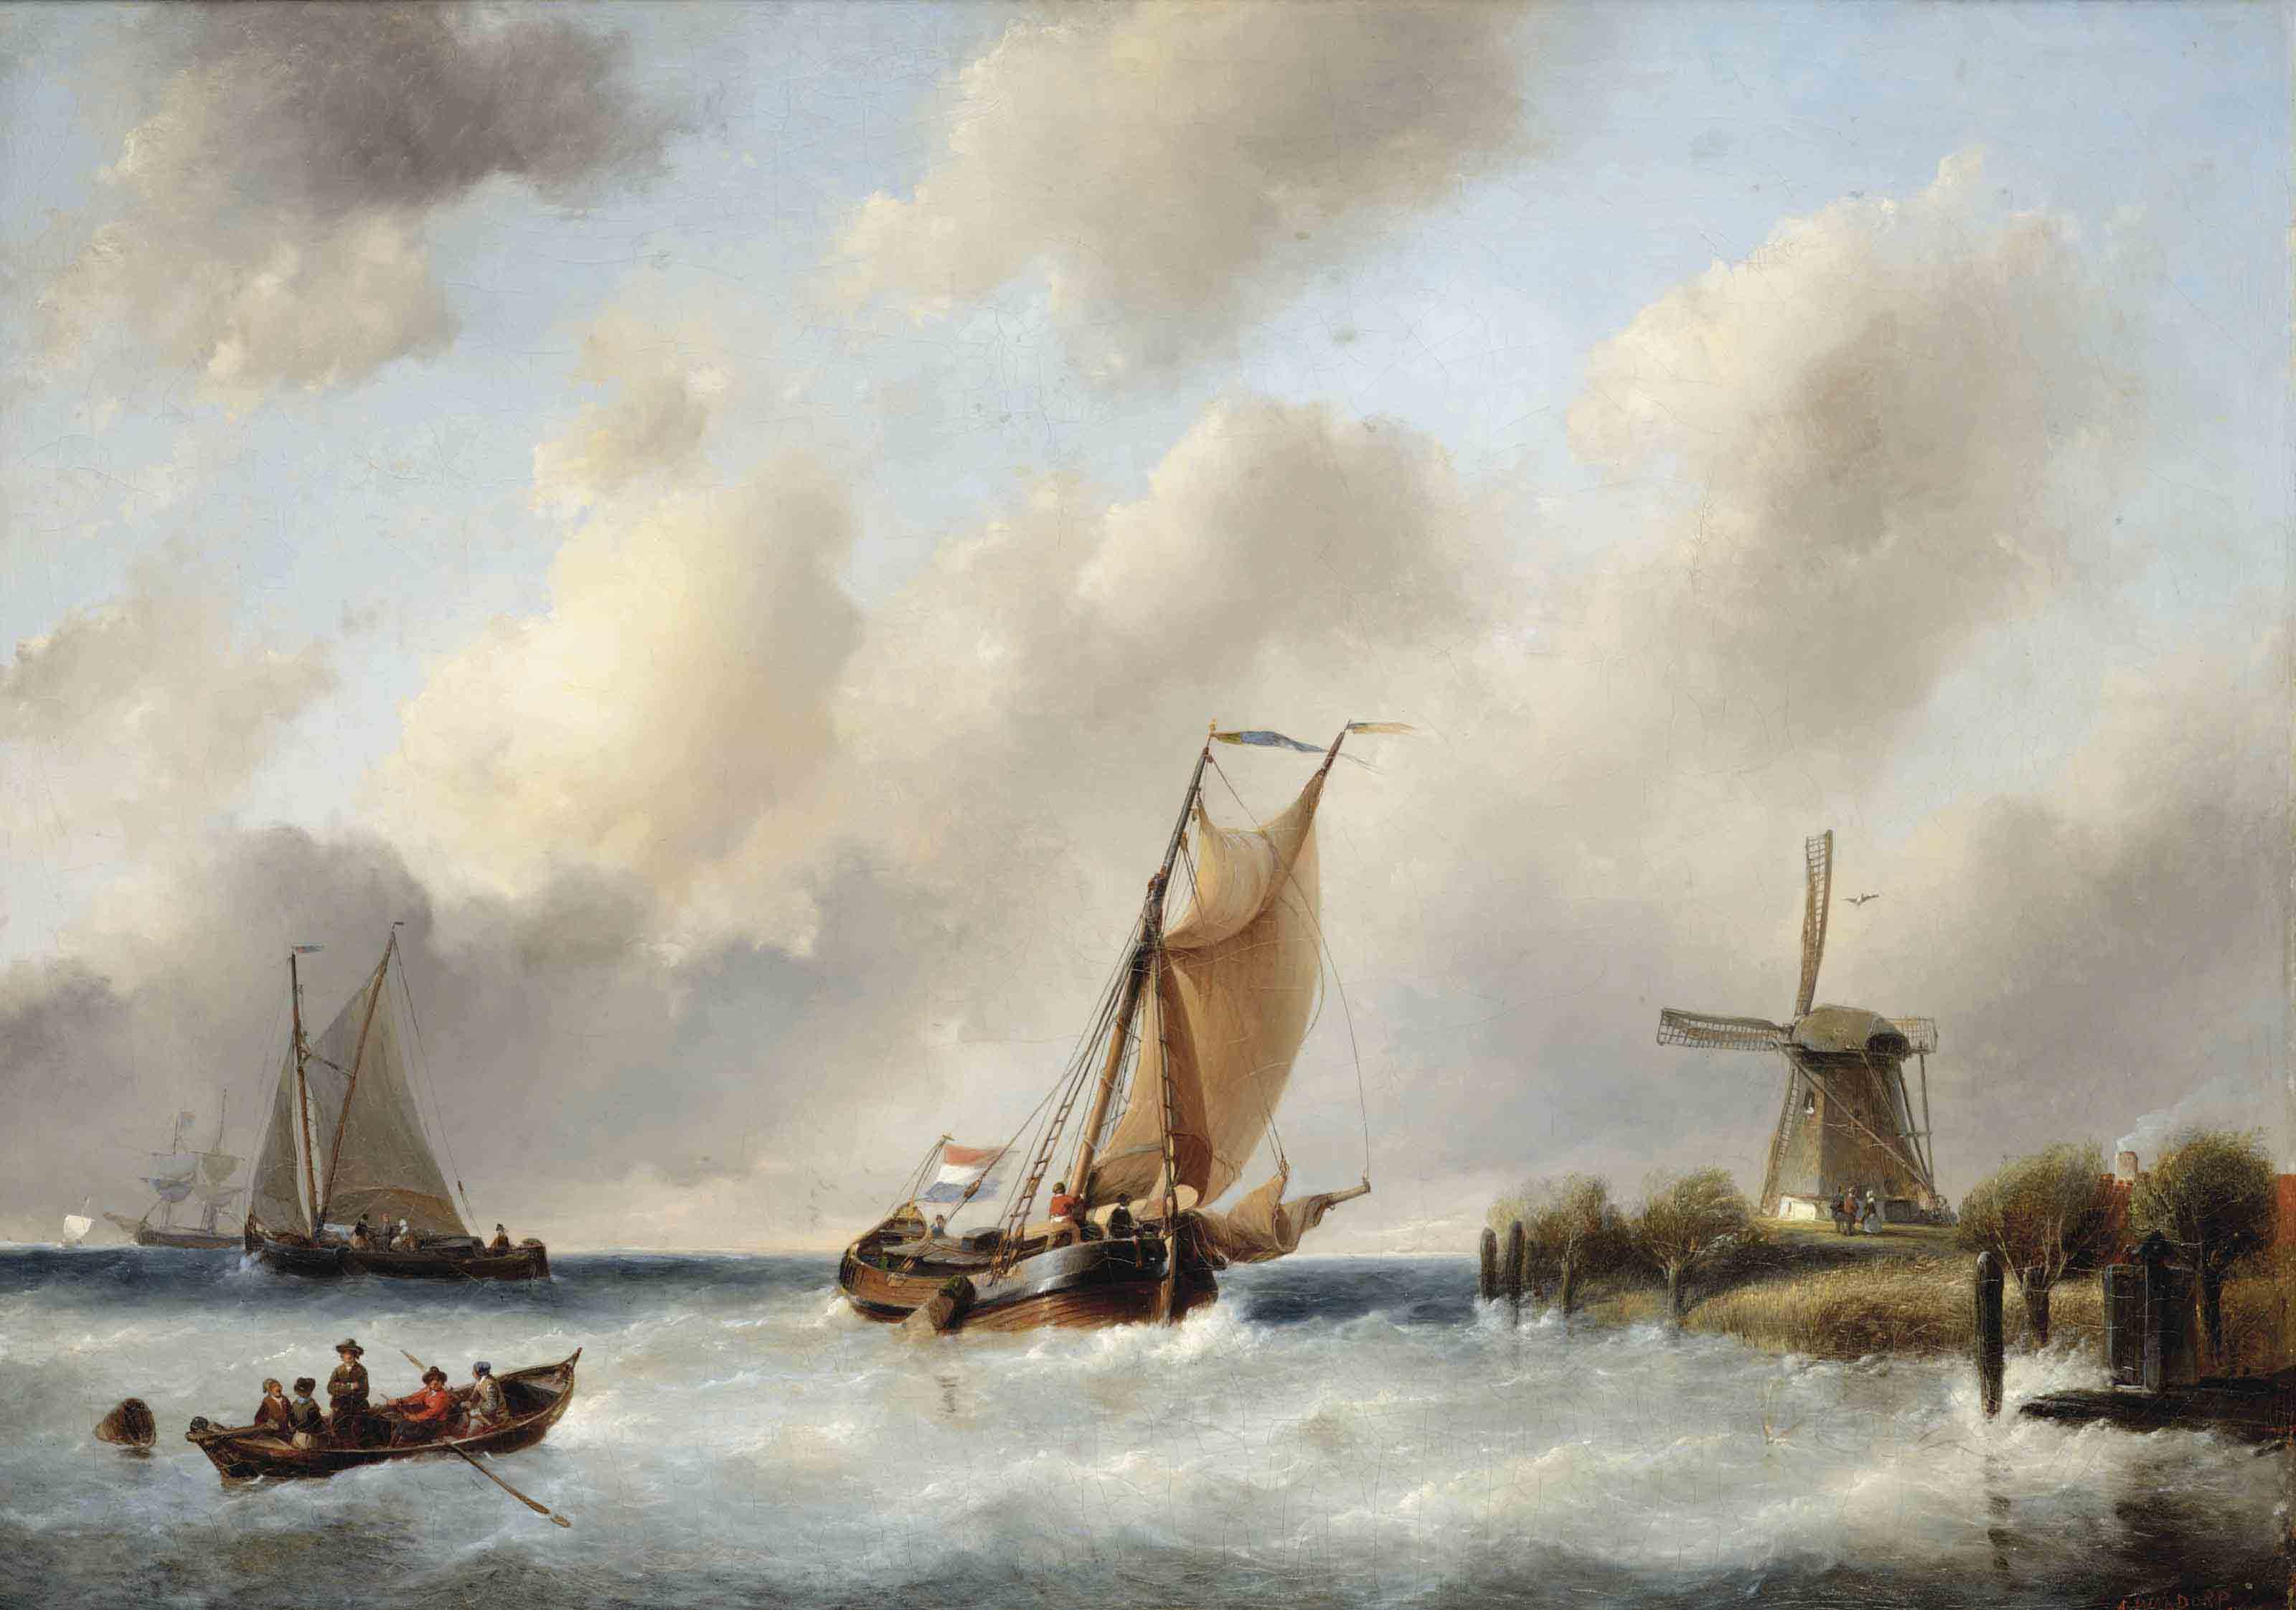 Ships in a stiff breeze